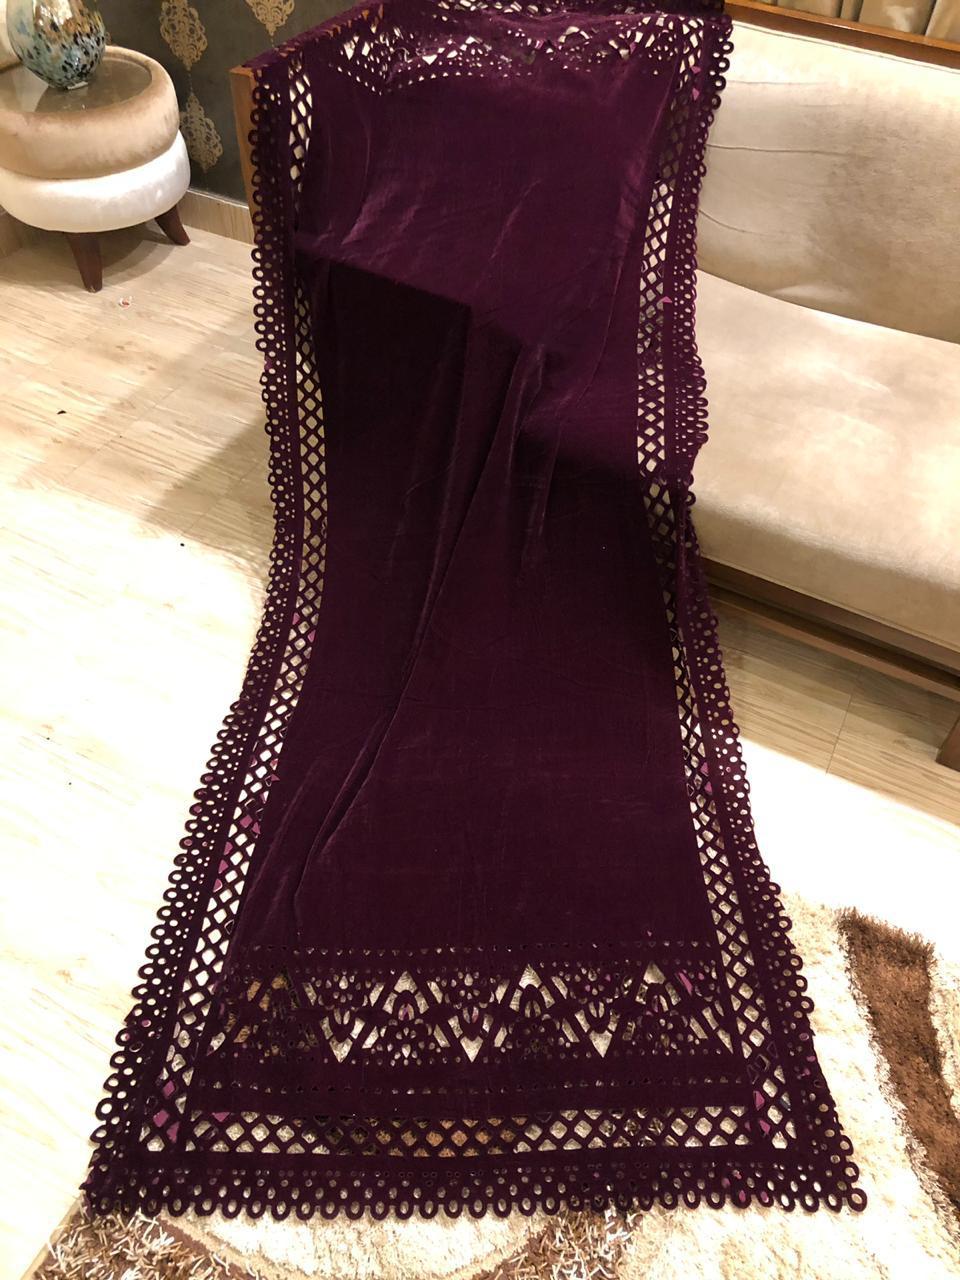 Modish Designer Plum Velvet Shawl Master Replica 2019 Master Replica Pakistan